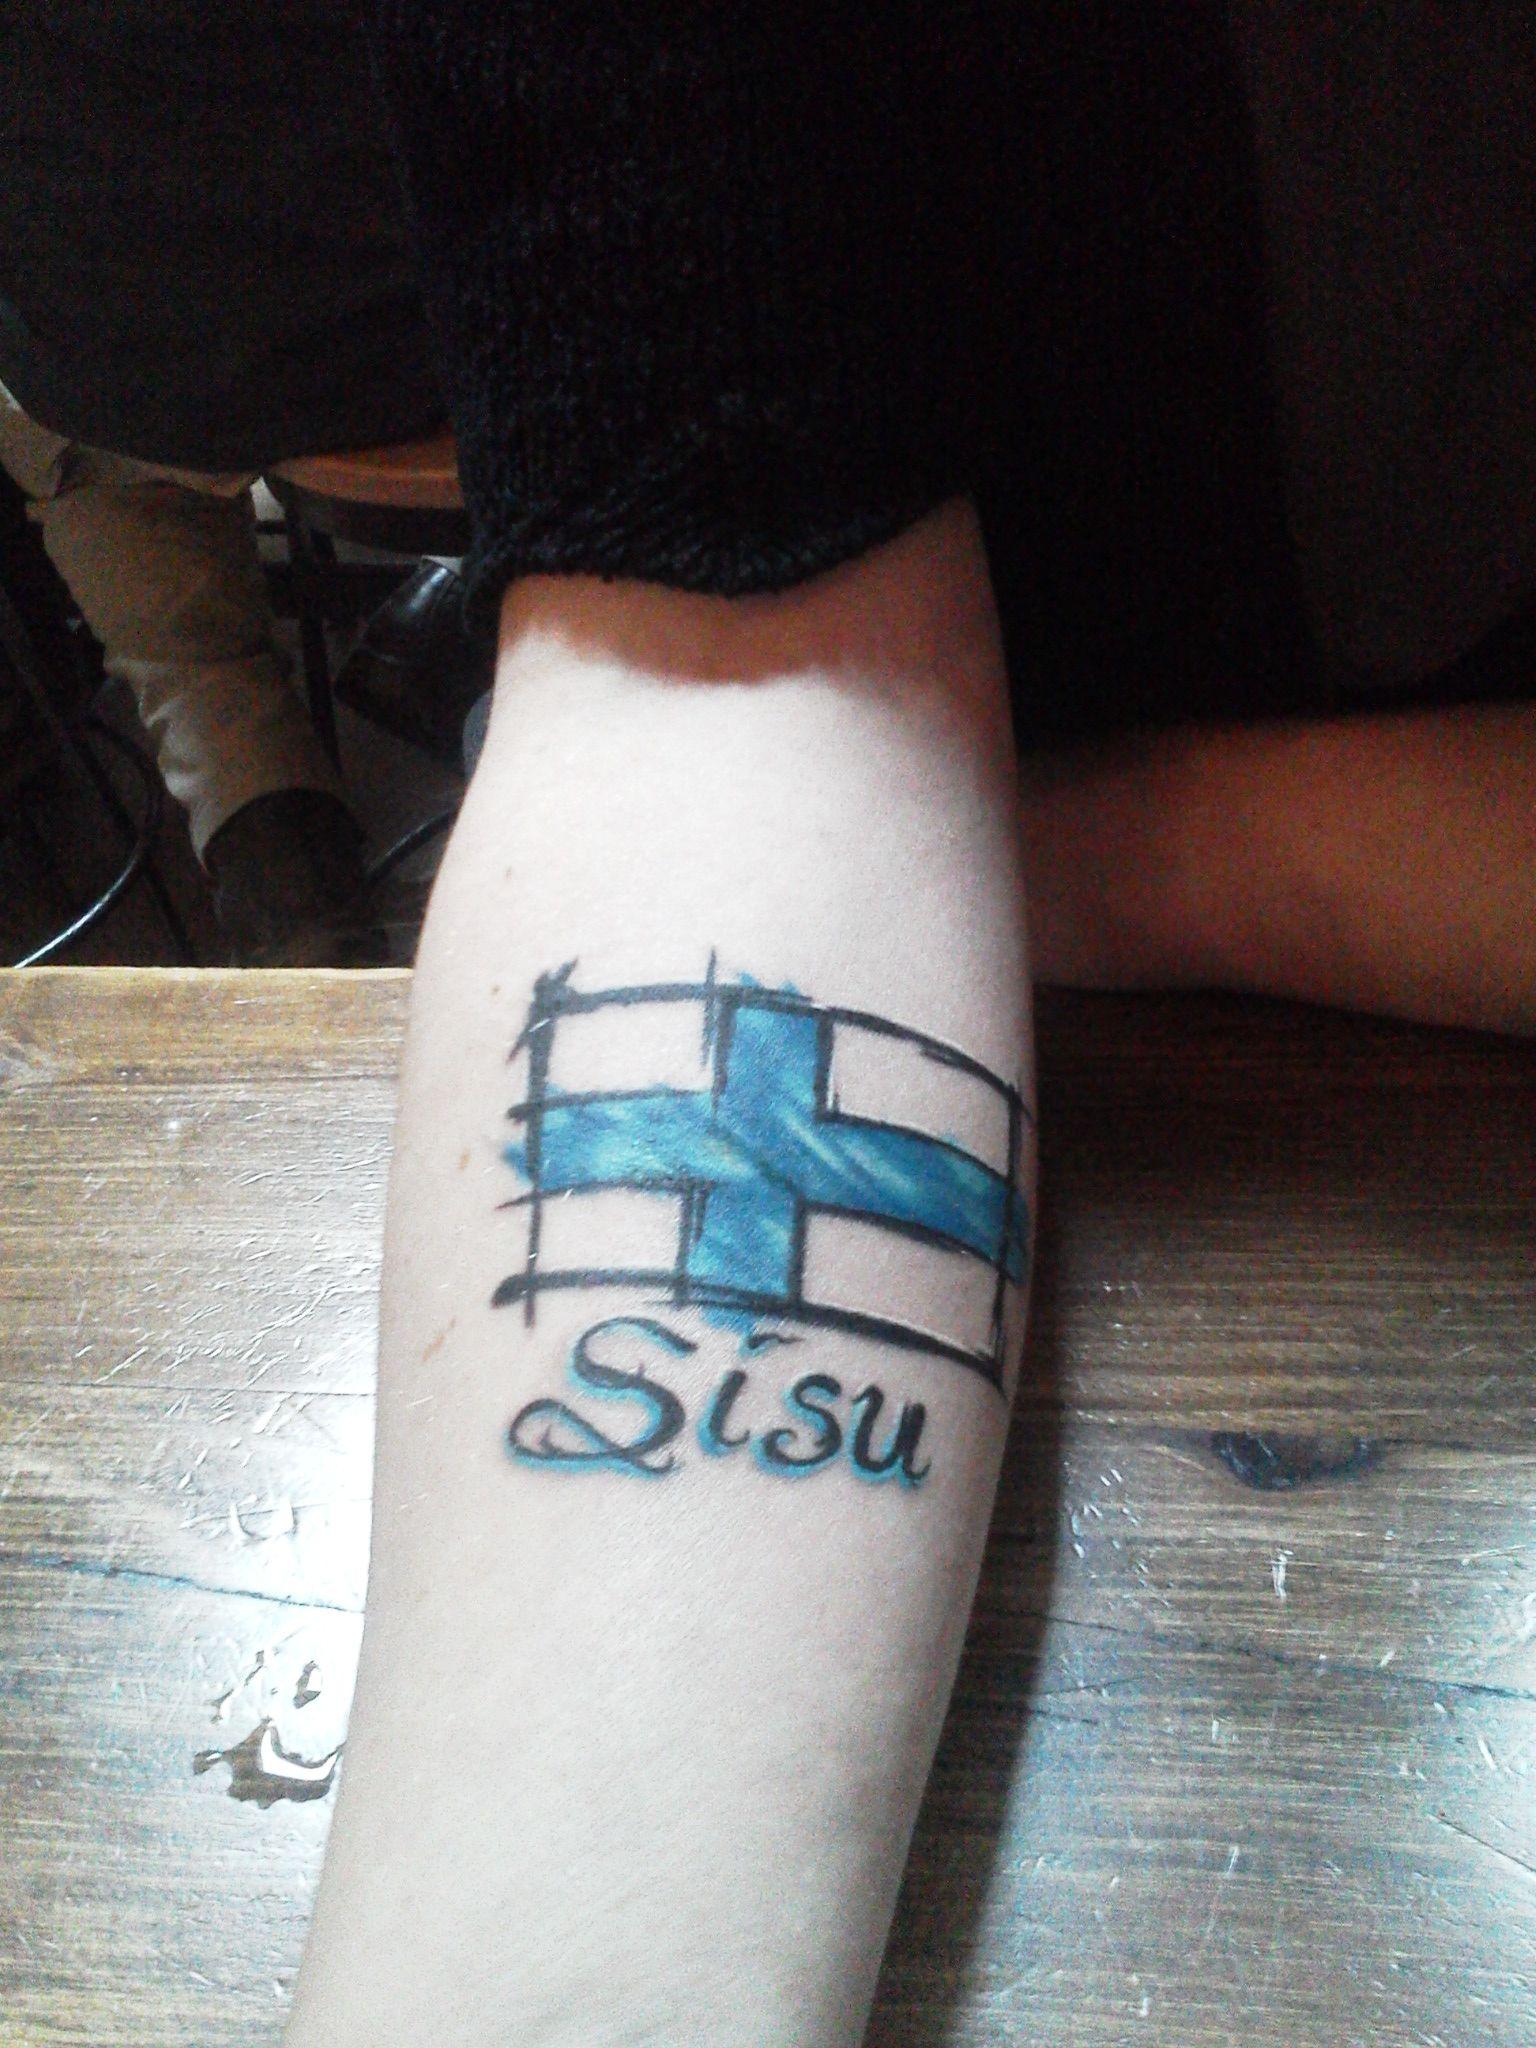 my finnish sisu tattoo from jason ox radtke billings mt tattoos pinterest tattoo. Black Bedroom Furniture Sets. Home Design Ideas